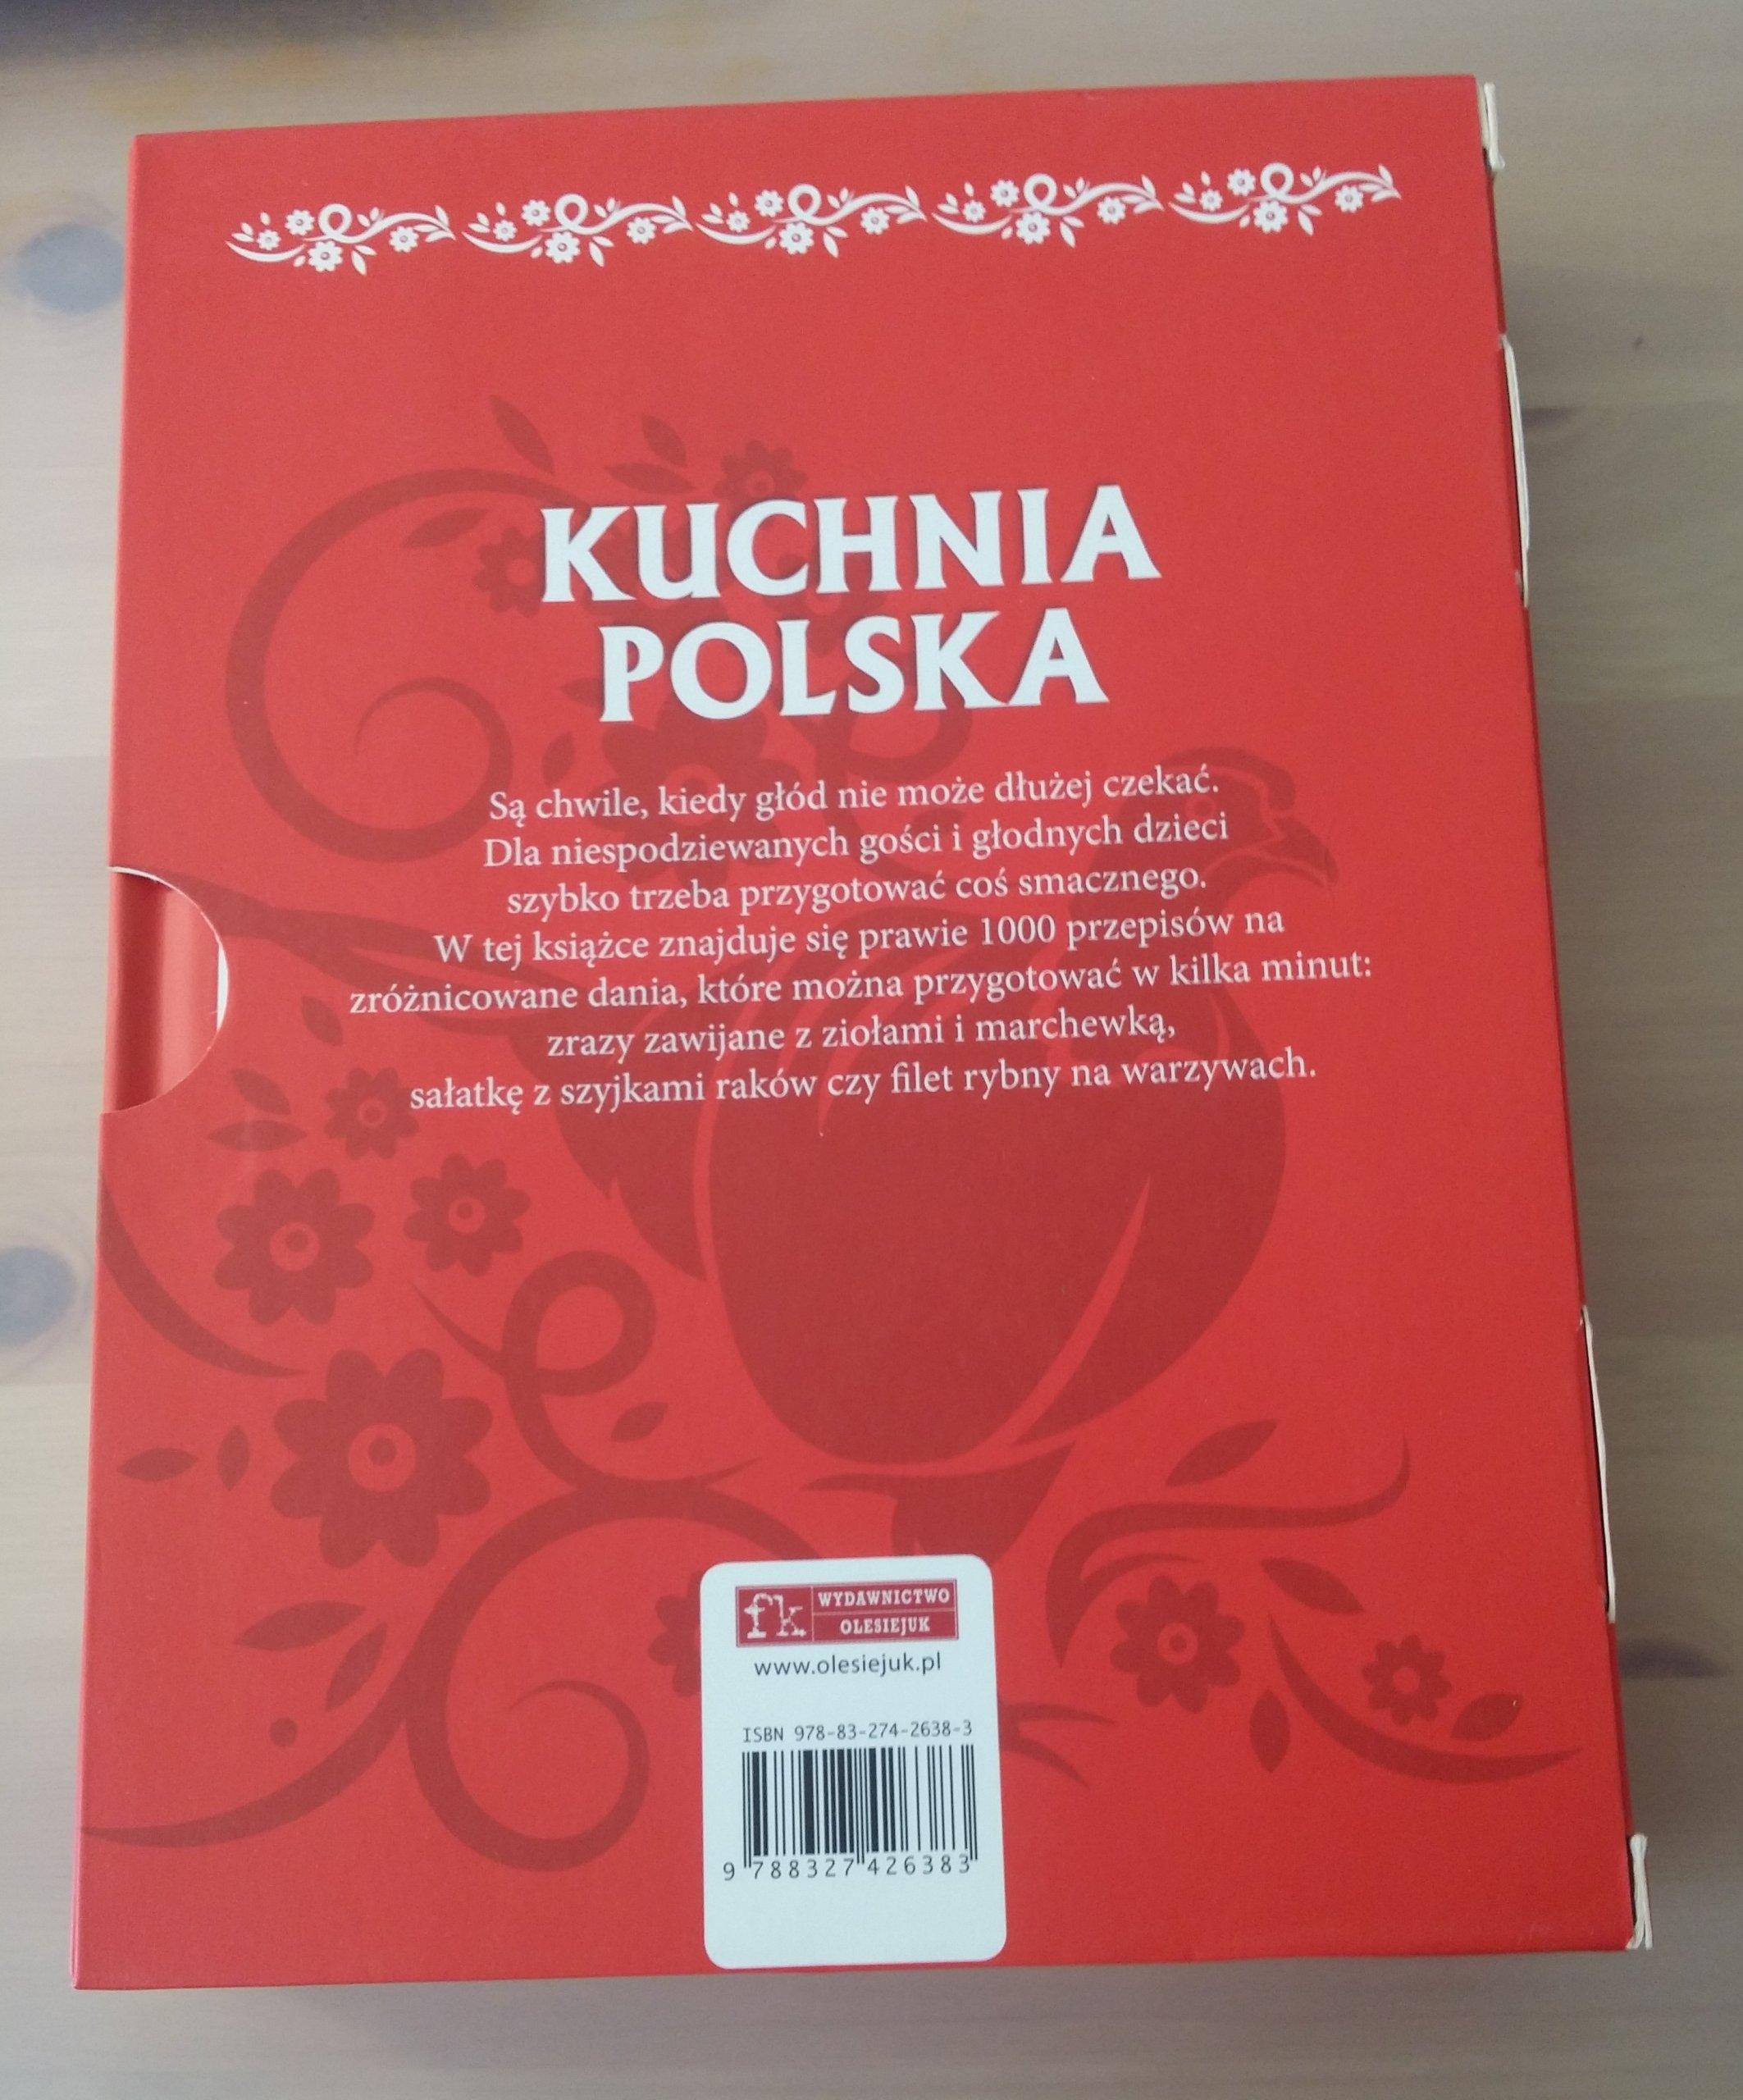 Kuchnia Polska Elzbieta Adamska Piekne Wydanie 7085973689